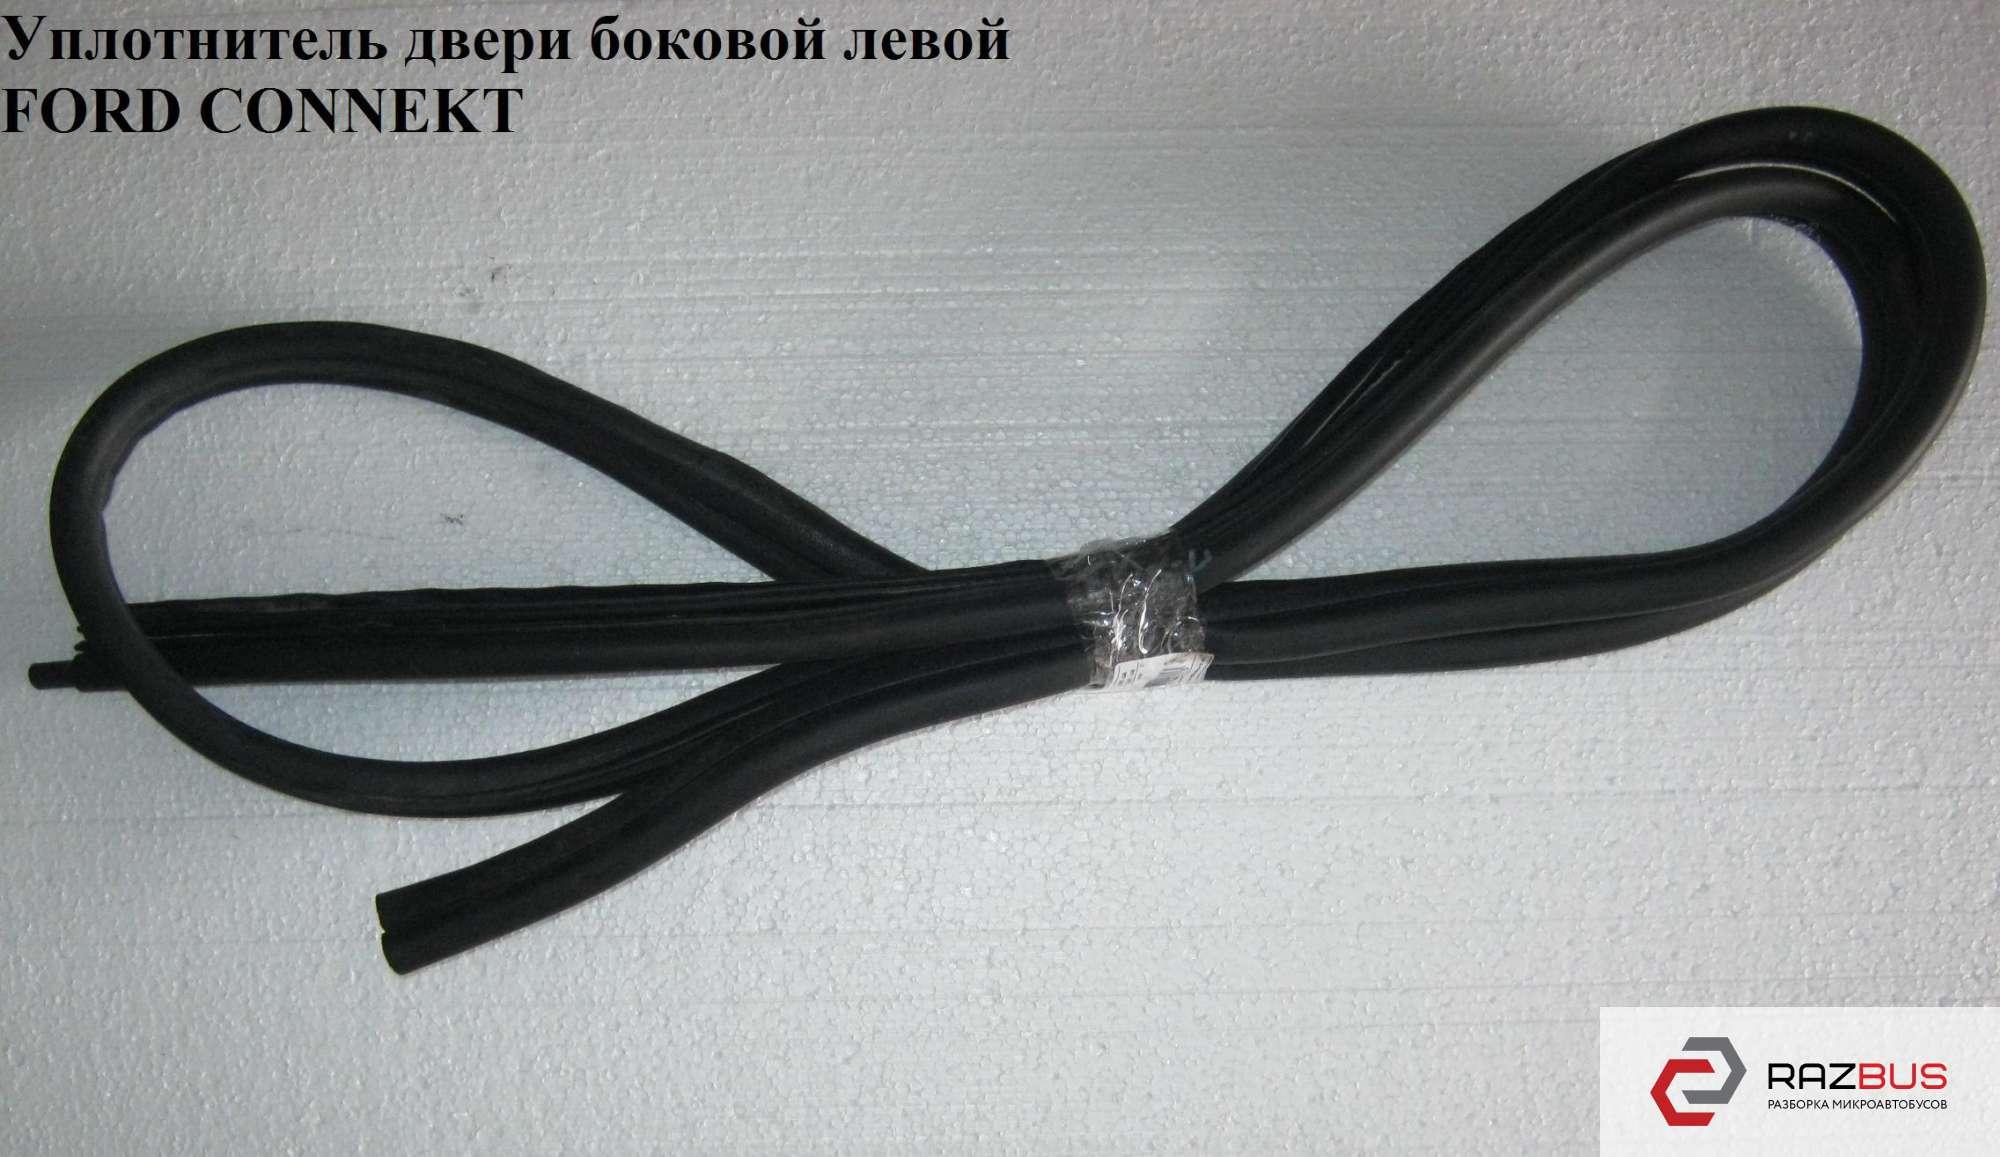 2T14A253A11AF, 5169968 Уплотнитель двери боковой сдвижной левой FORD CONNECT 2002-2013г